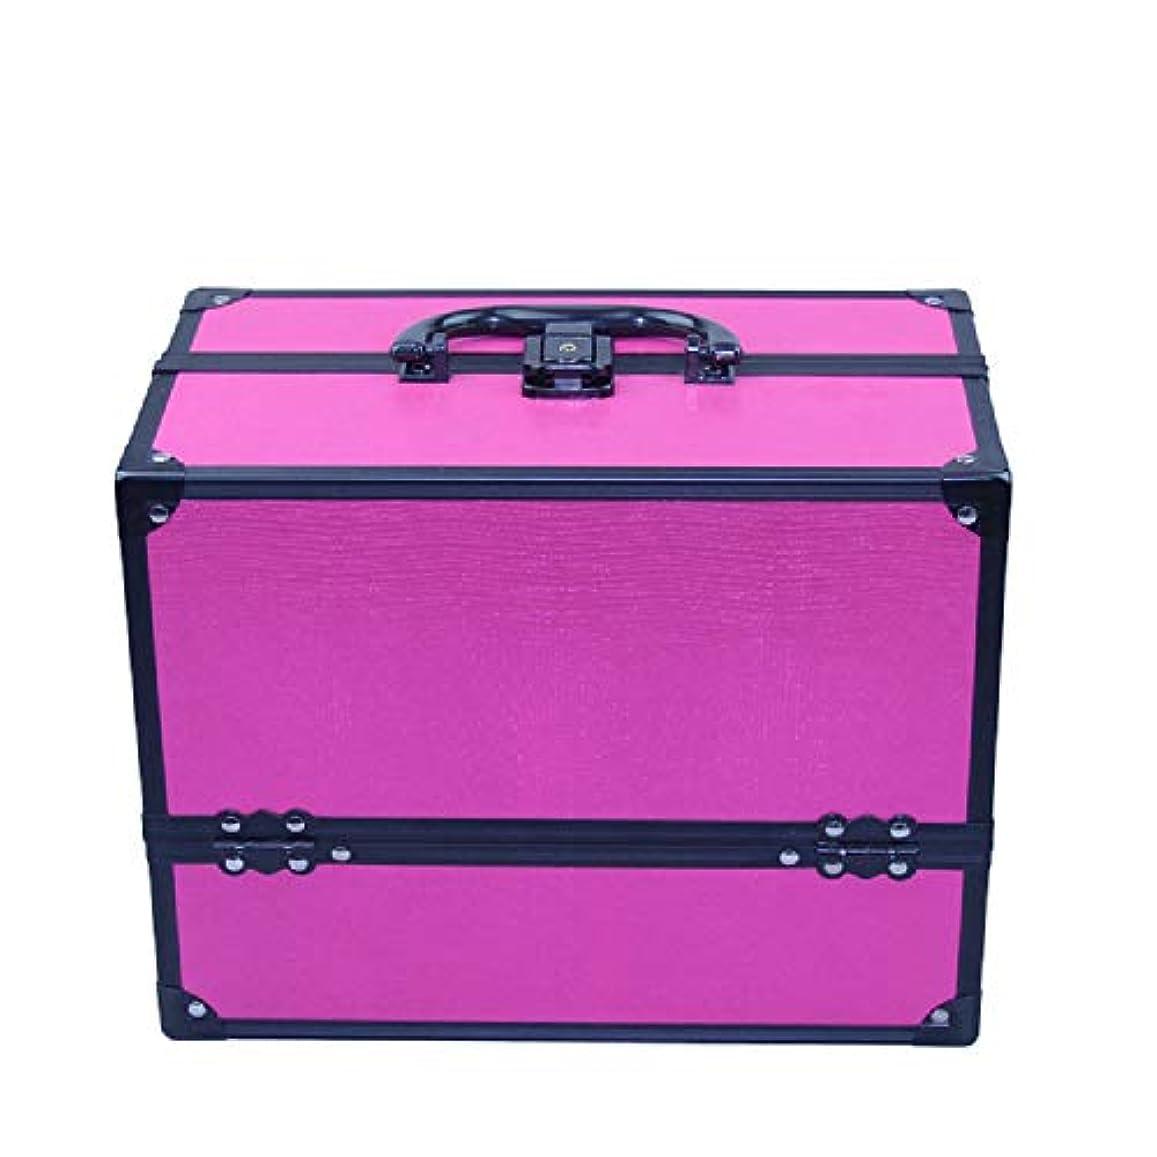 エンドテーブル拮抗すり減る化粧オーガナイザーバッグ 純粋な色のポータブル化粧品ケーストラベルアクセサリーシャンプーボディウォッシュパーソナルアイテムストレージロックとスライディングトレイ 化粧品ケース